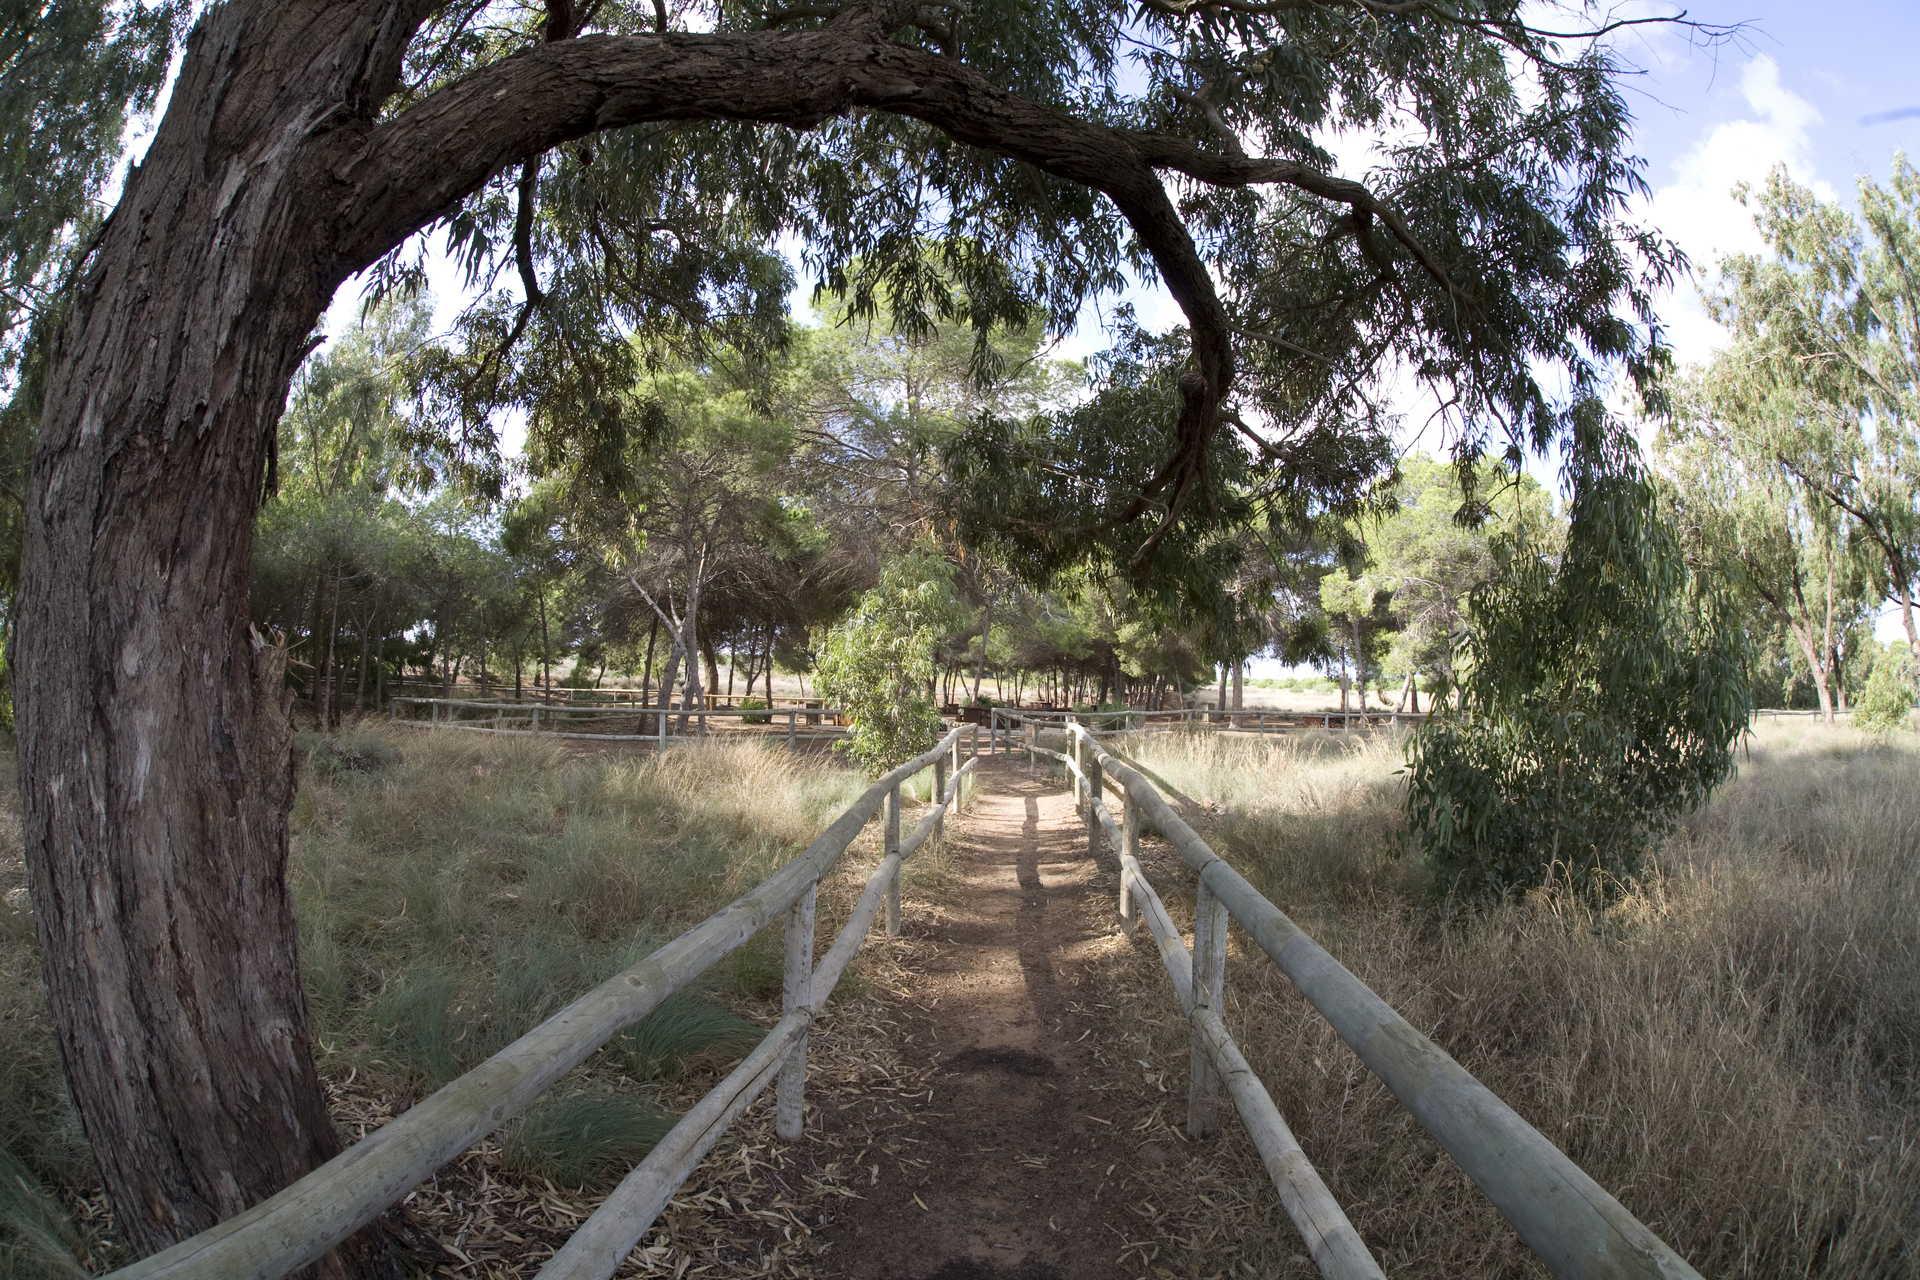 Ecoroutes in the Natural Park of La Mata .